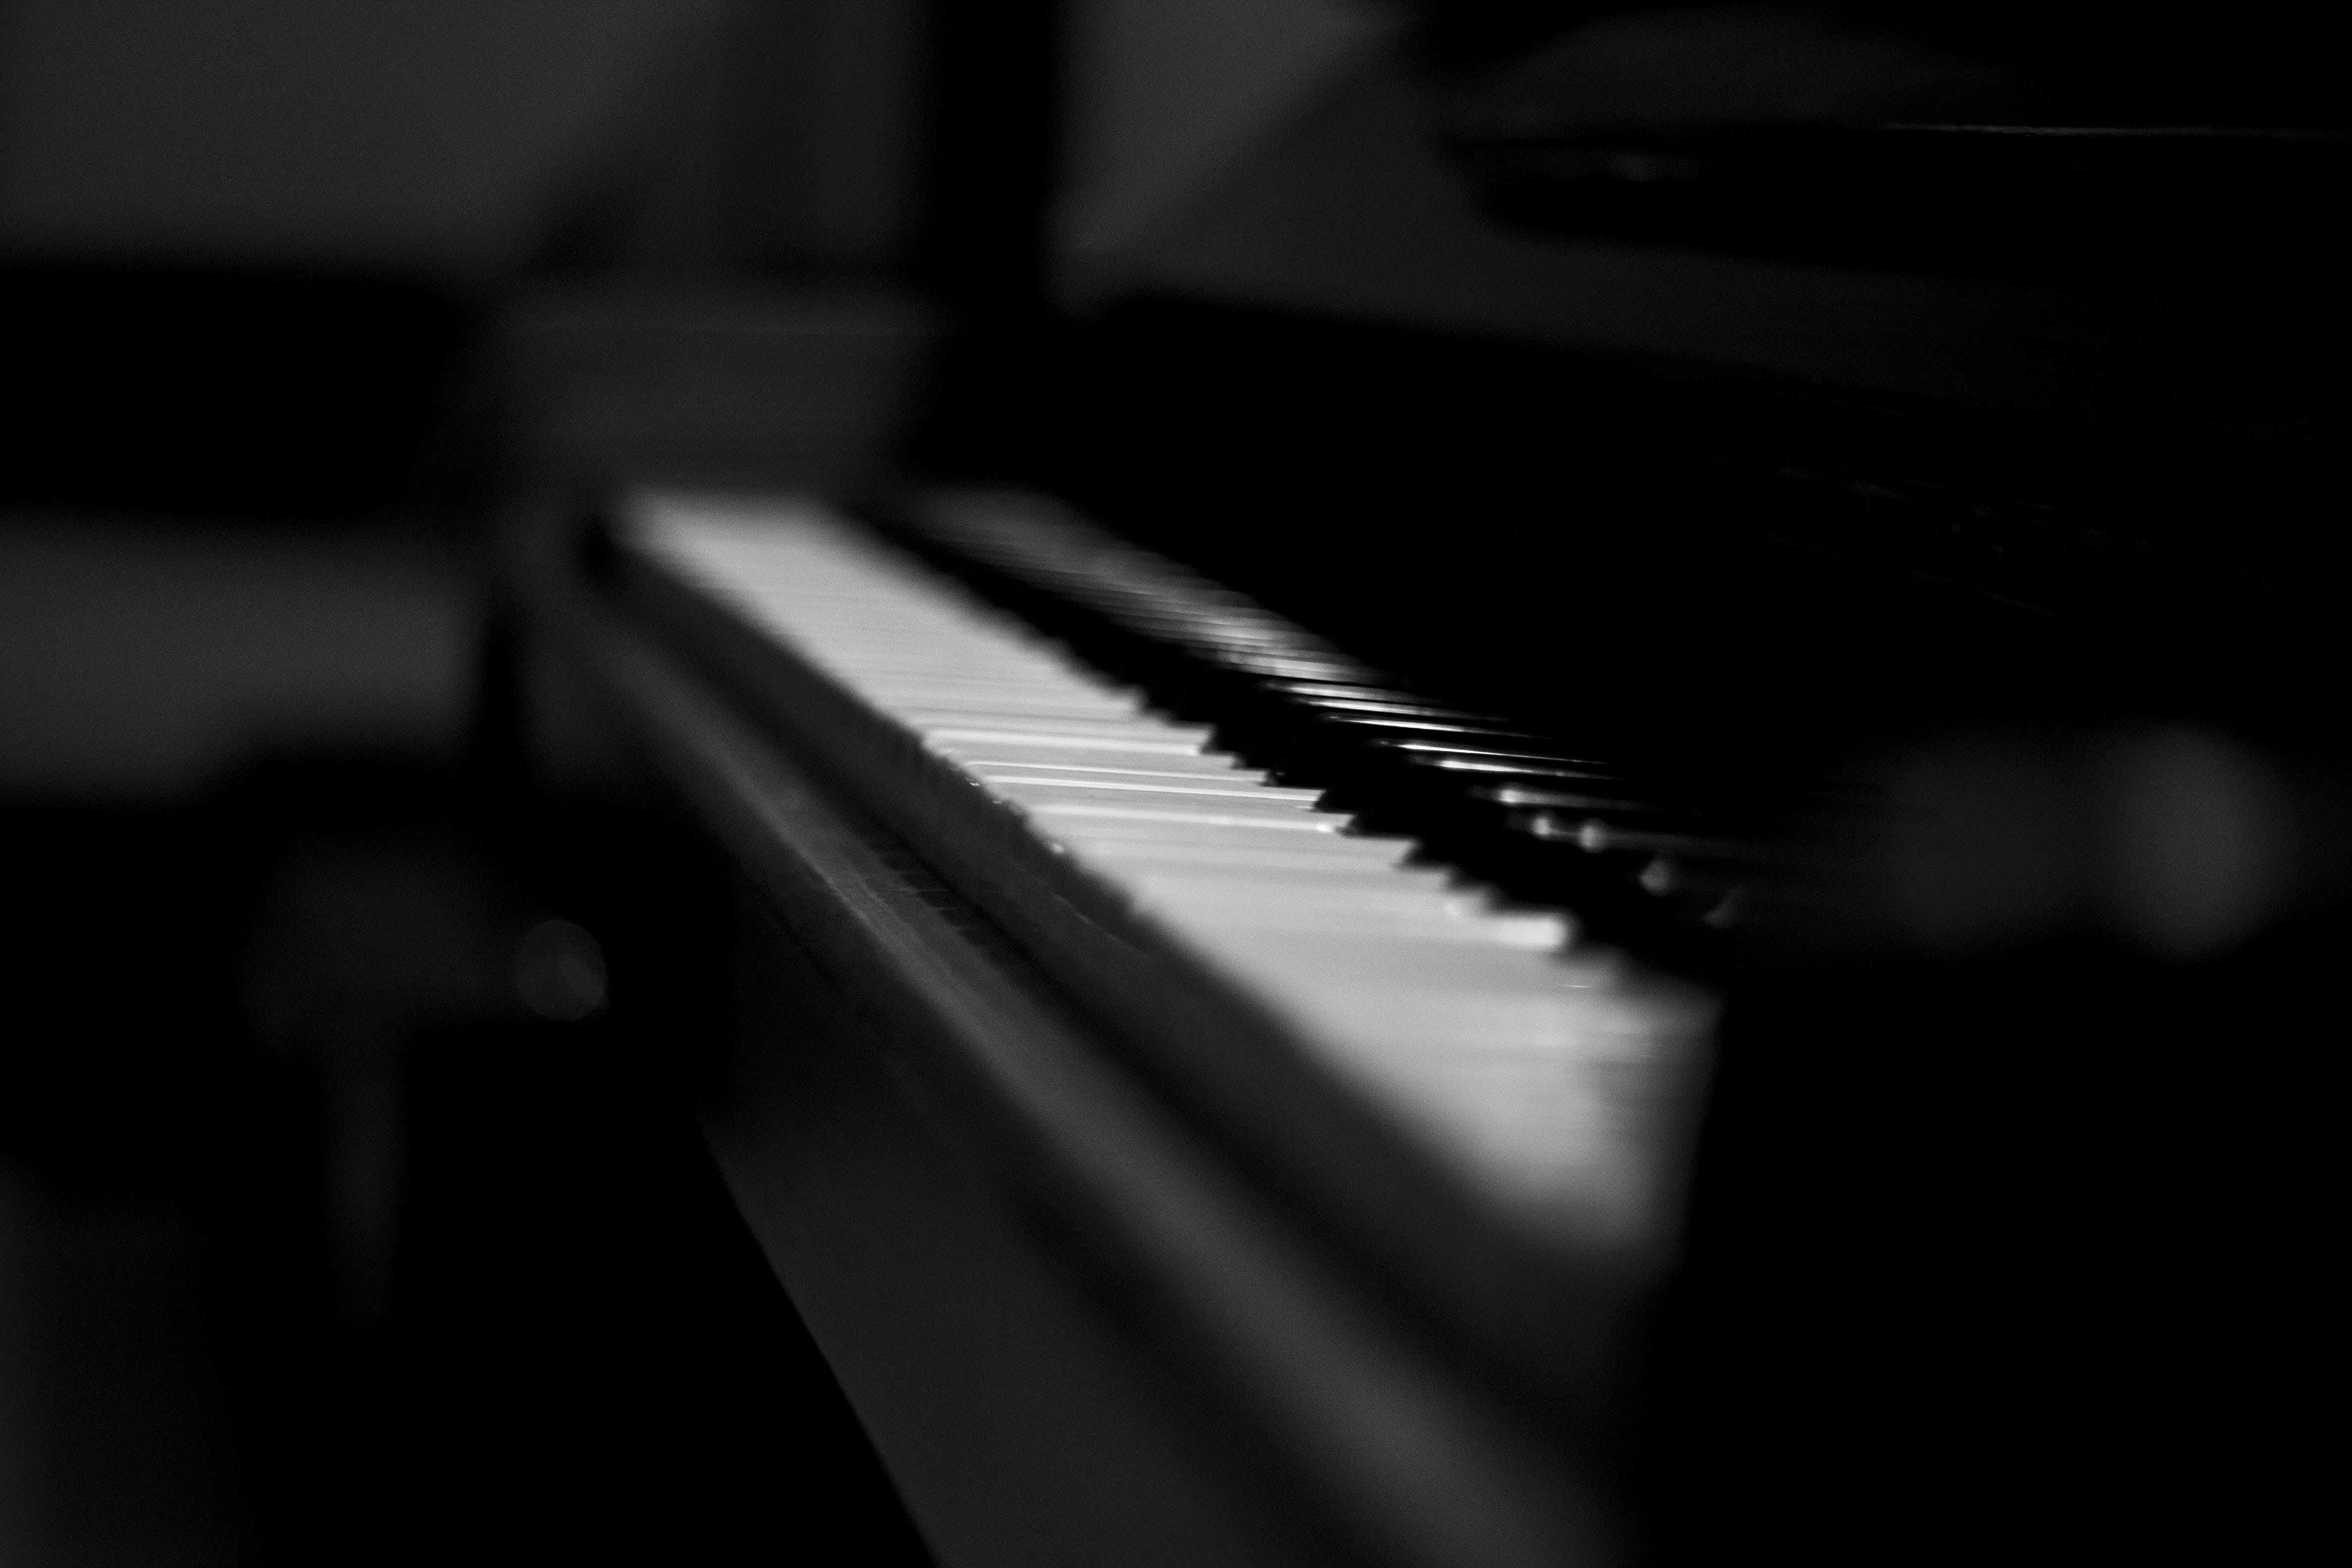 뮤지션, 블랙 앤 화이트, 음악, 피아노의 무료 스톡 사진